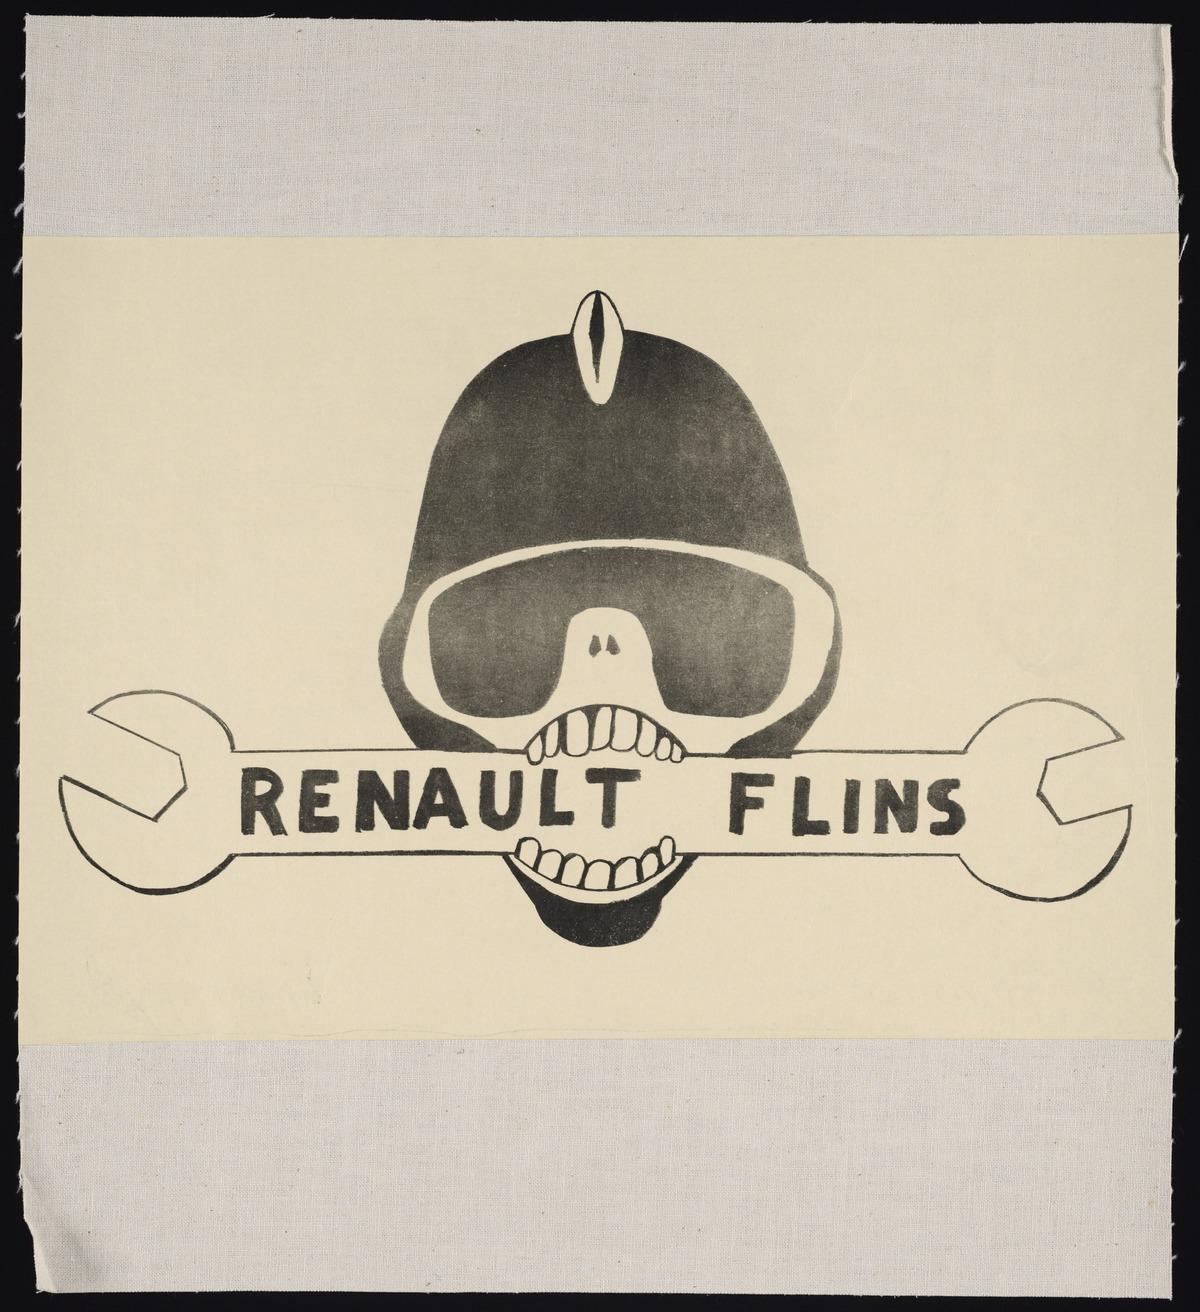 Renault Flins